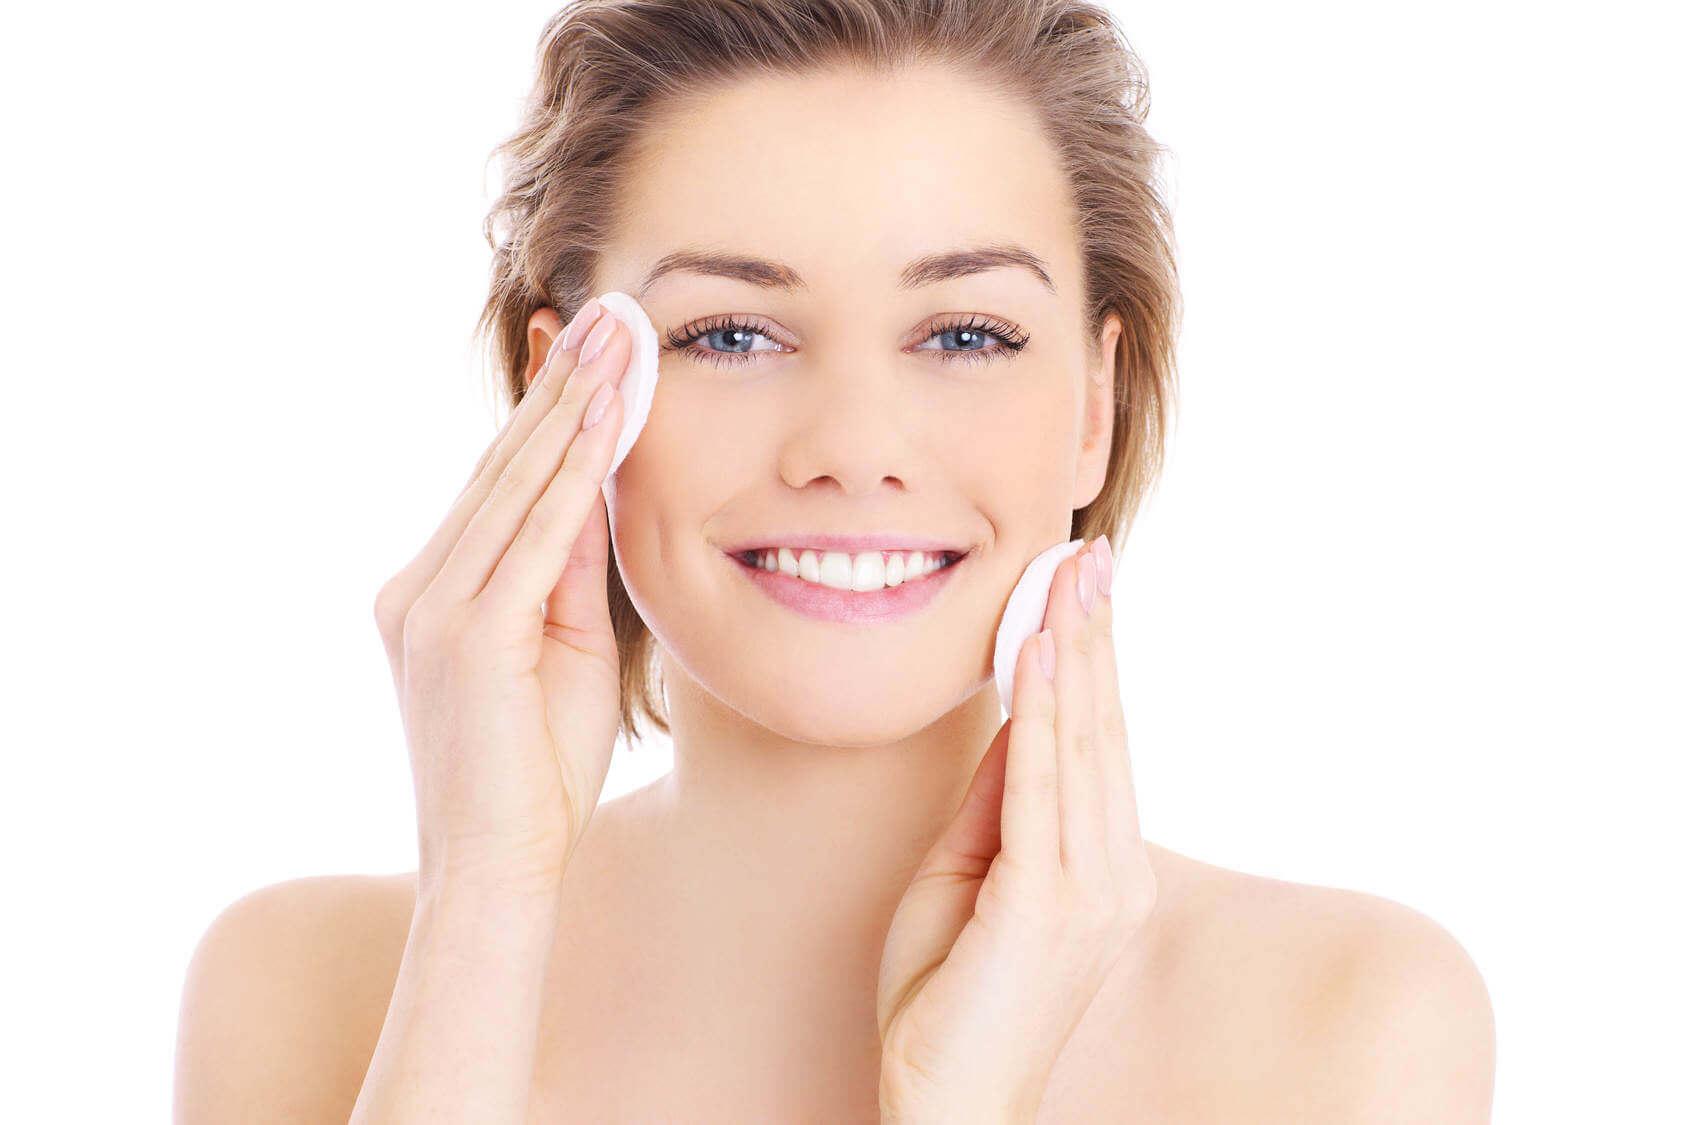 Giữ da sạch sẽ, thoáng mát để loại bỏ vi khuẩn gây mụn